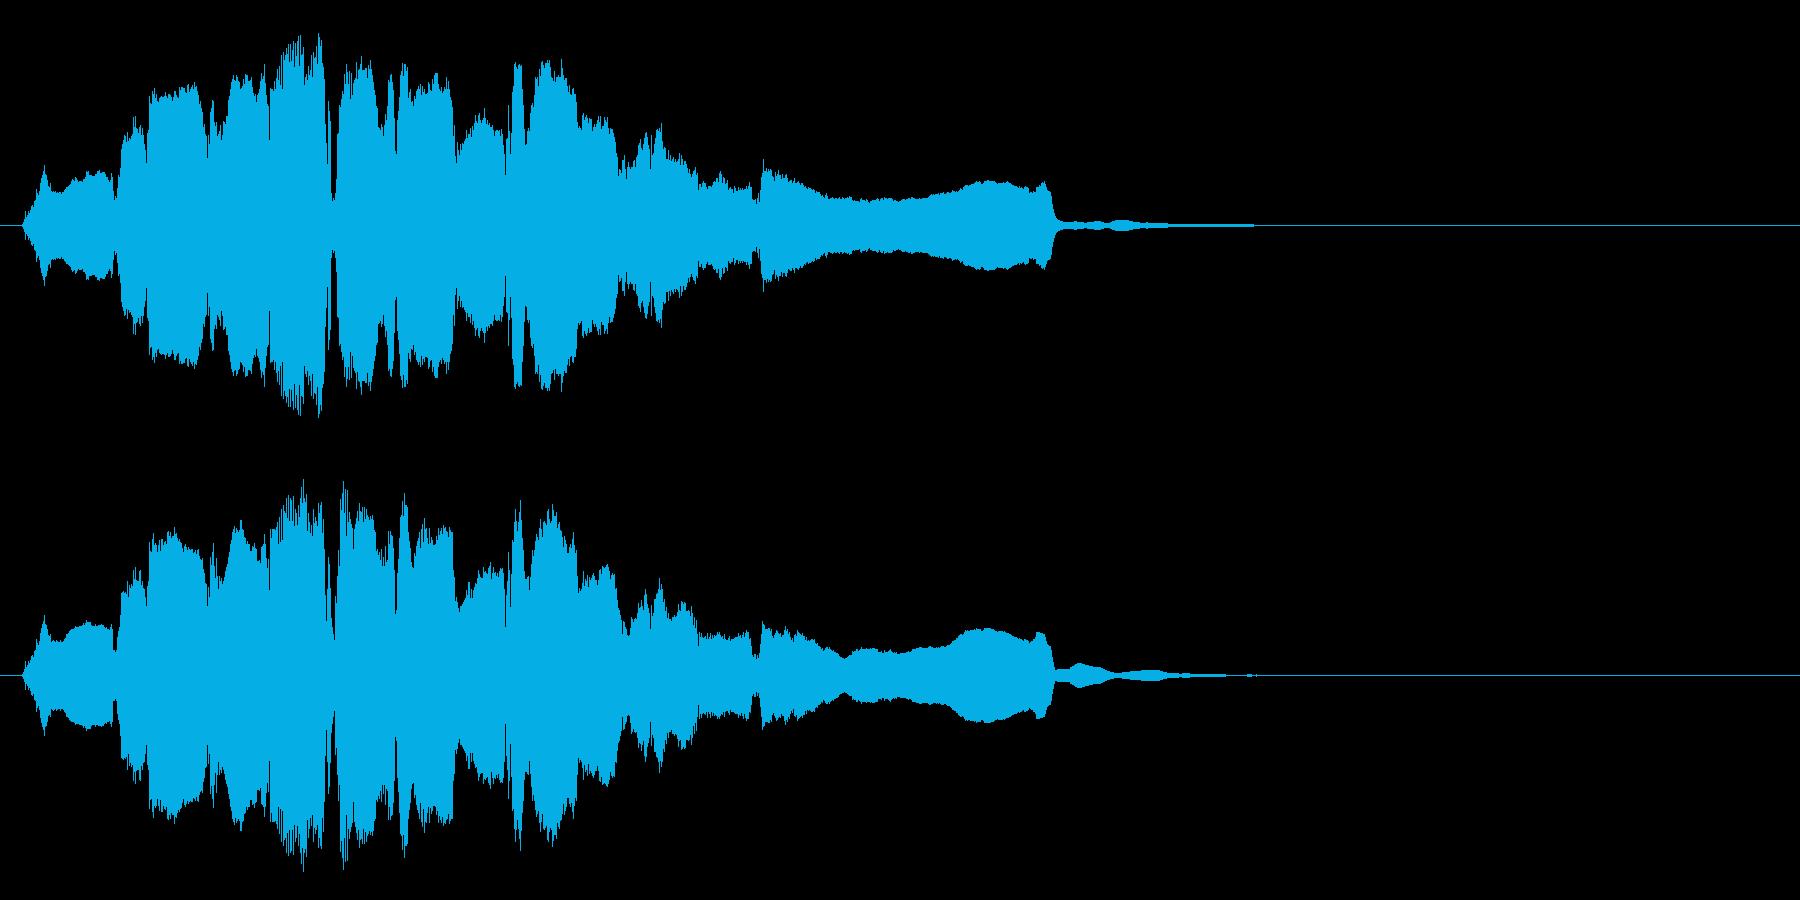 祭りっぽい終幕◆篠笛生演奏の和風効果音の再生済みの波形